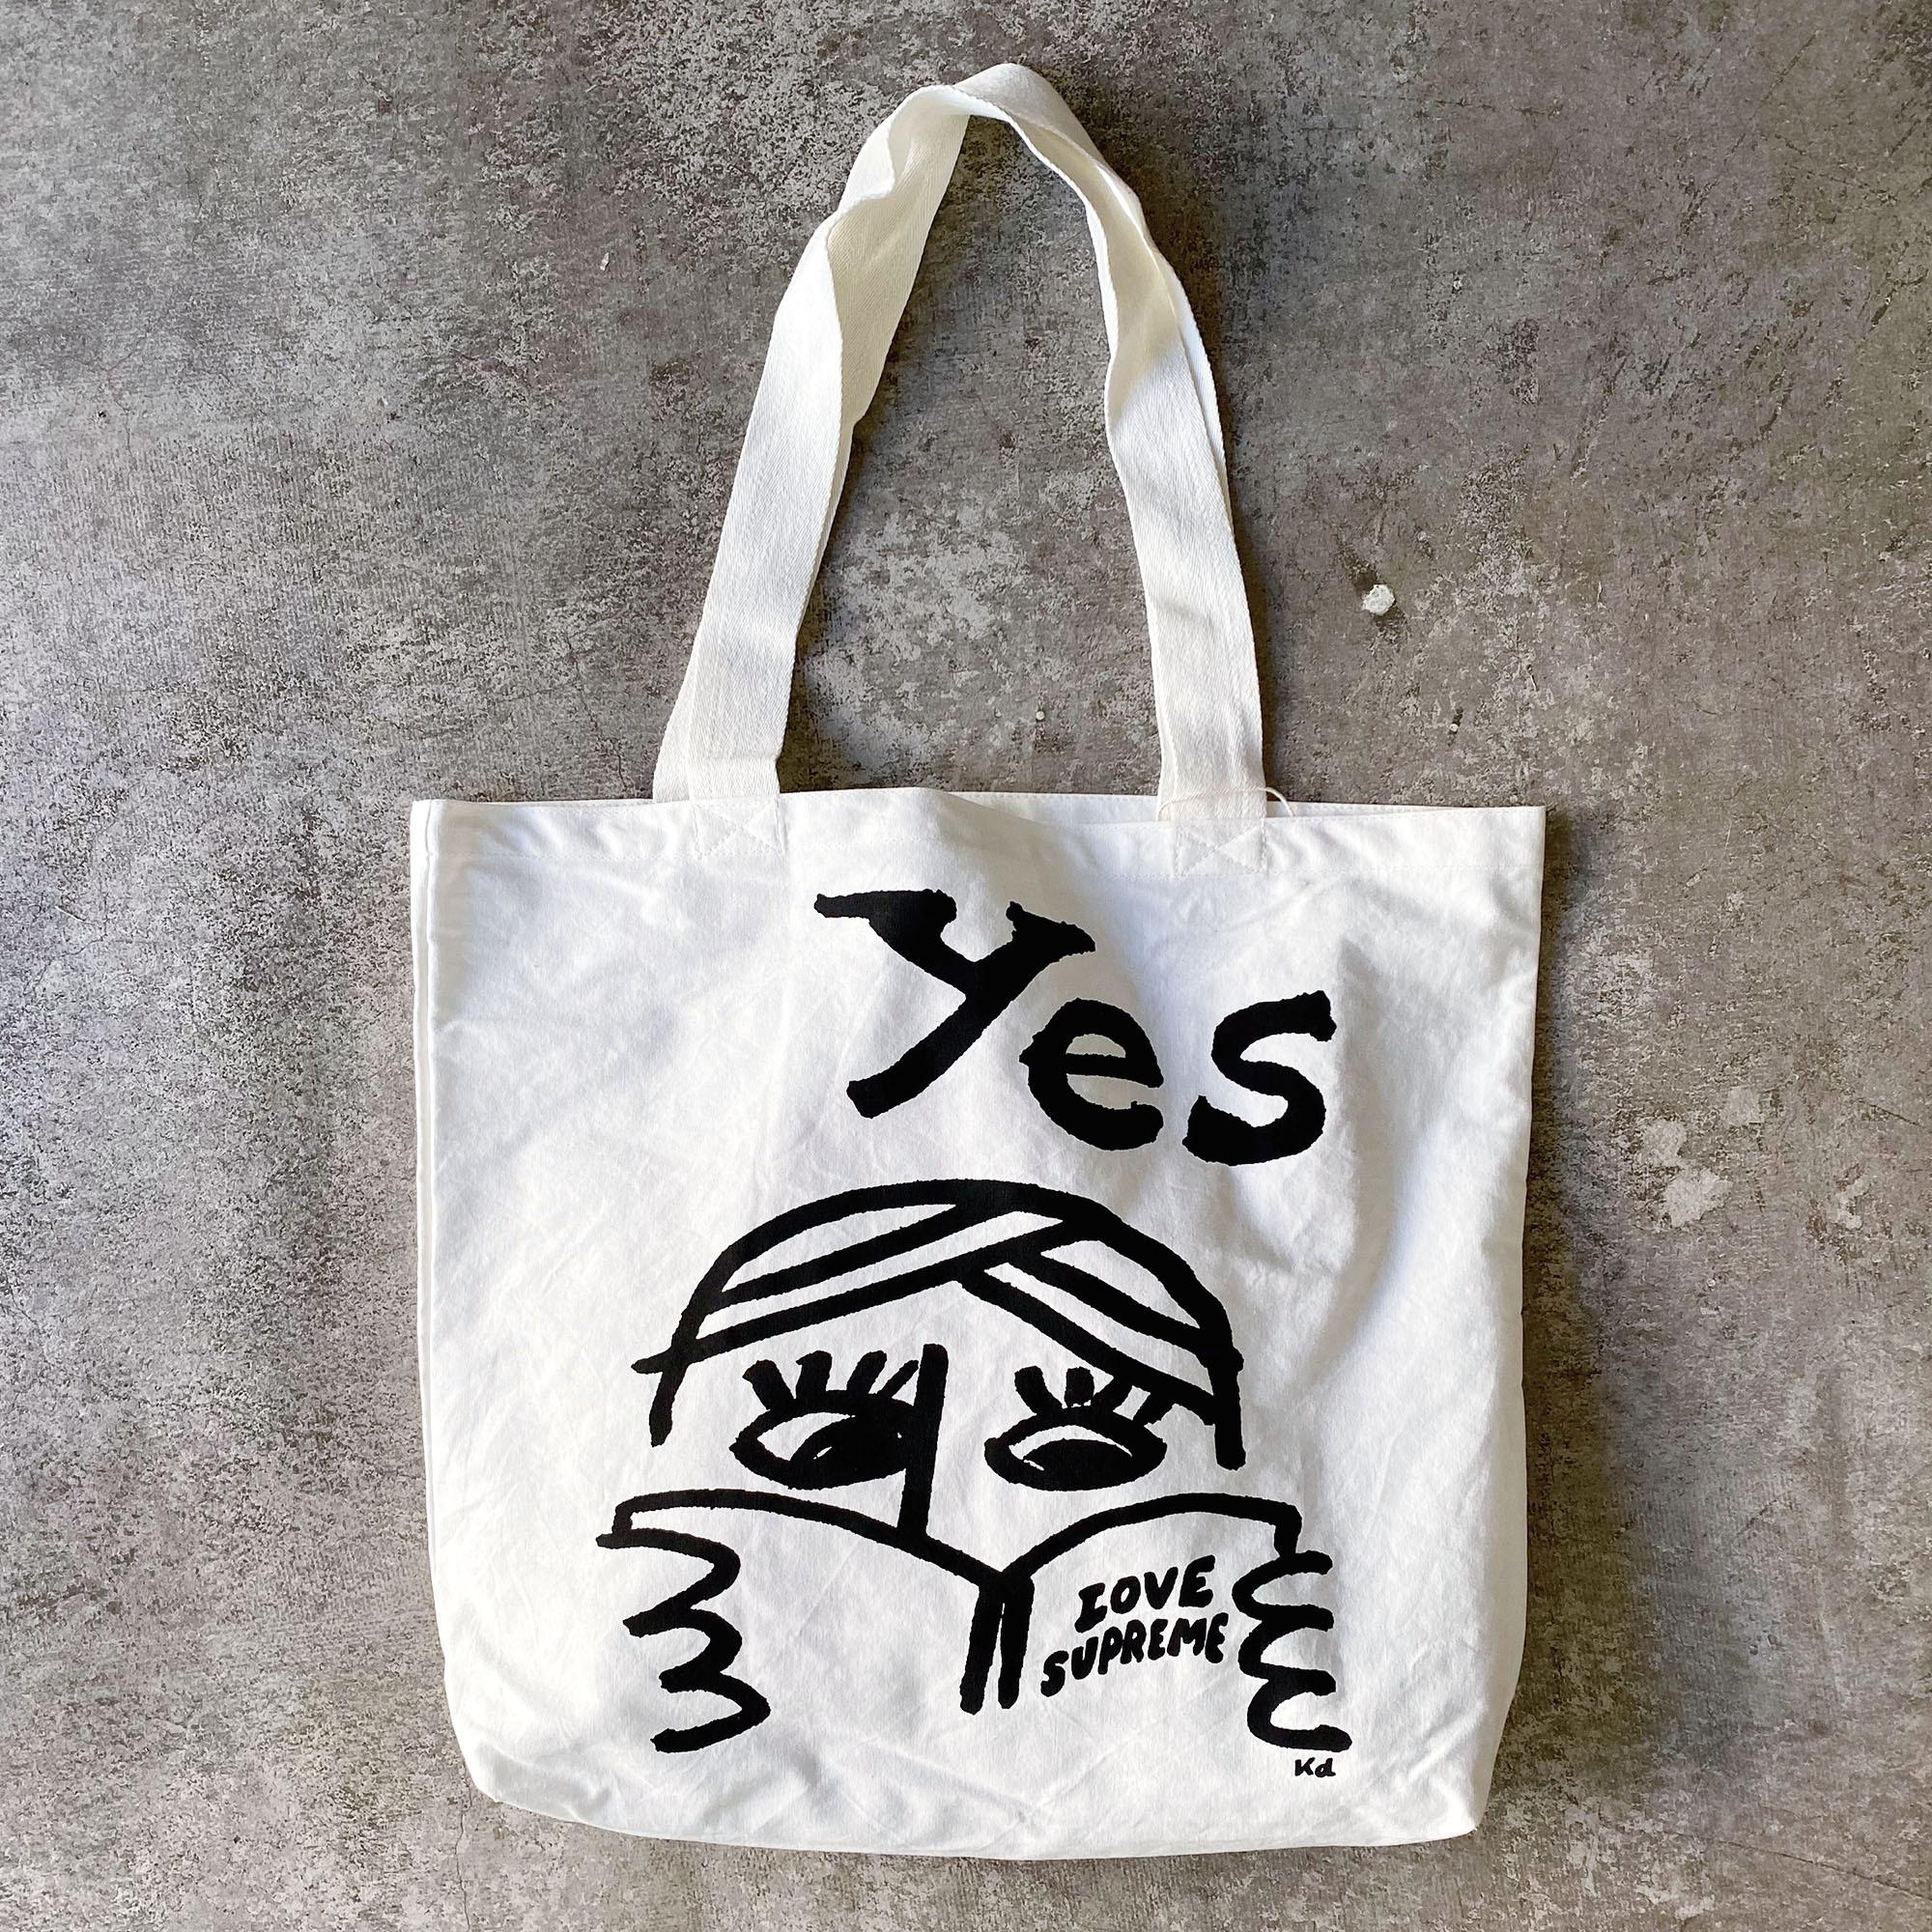 katsuo design organic cotton tote_love supreme